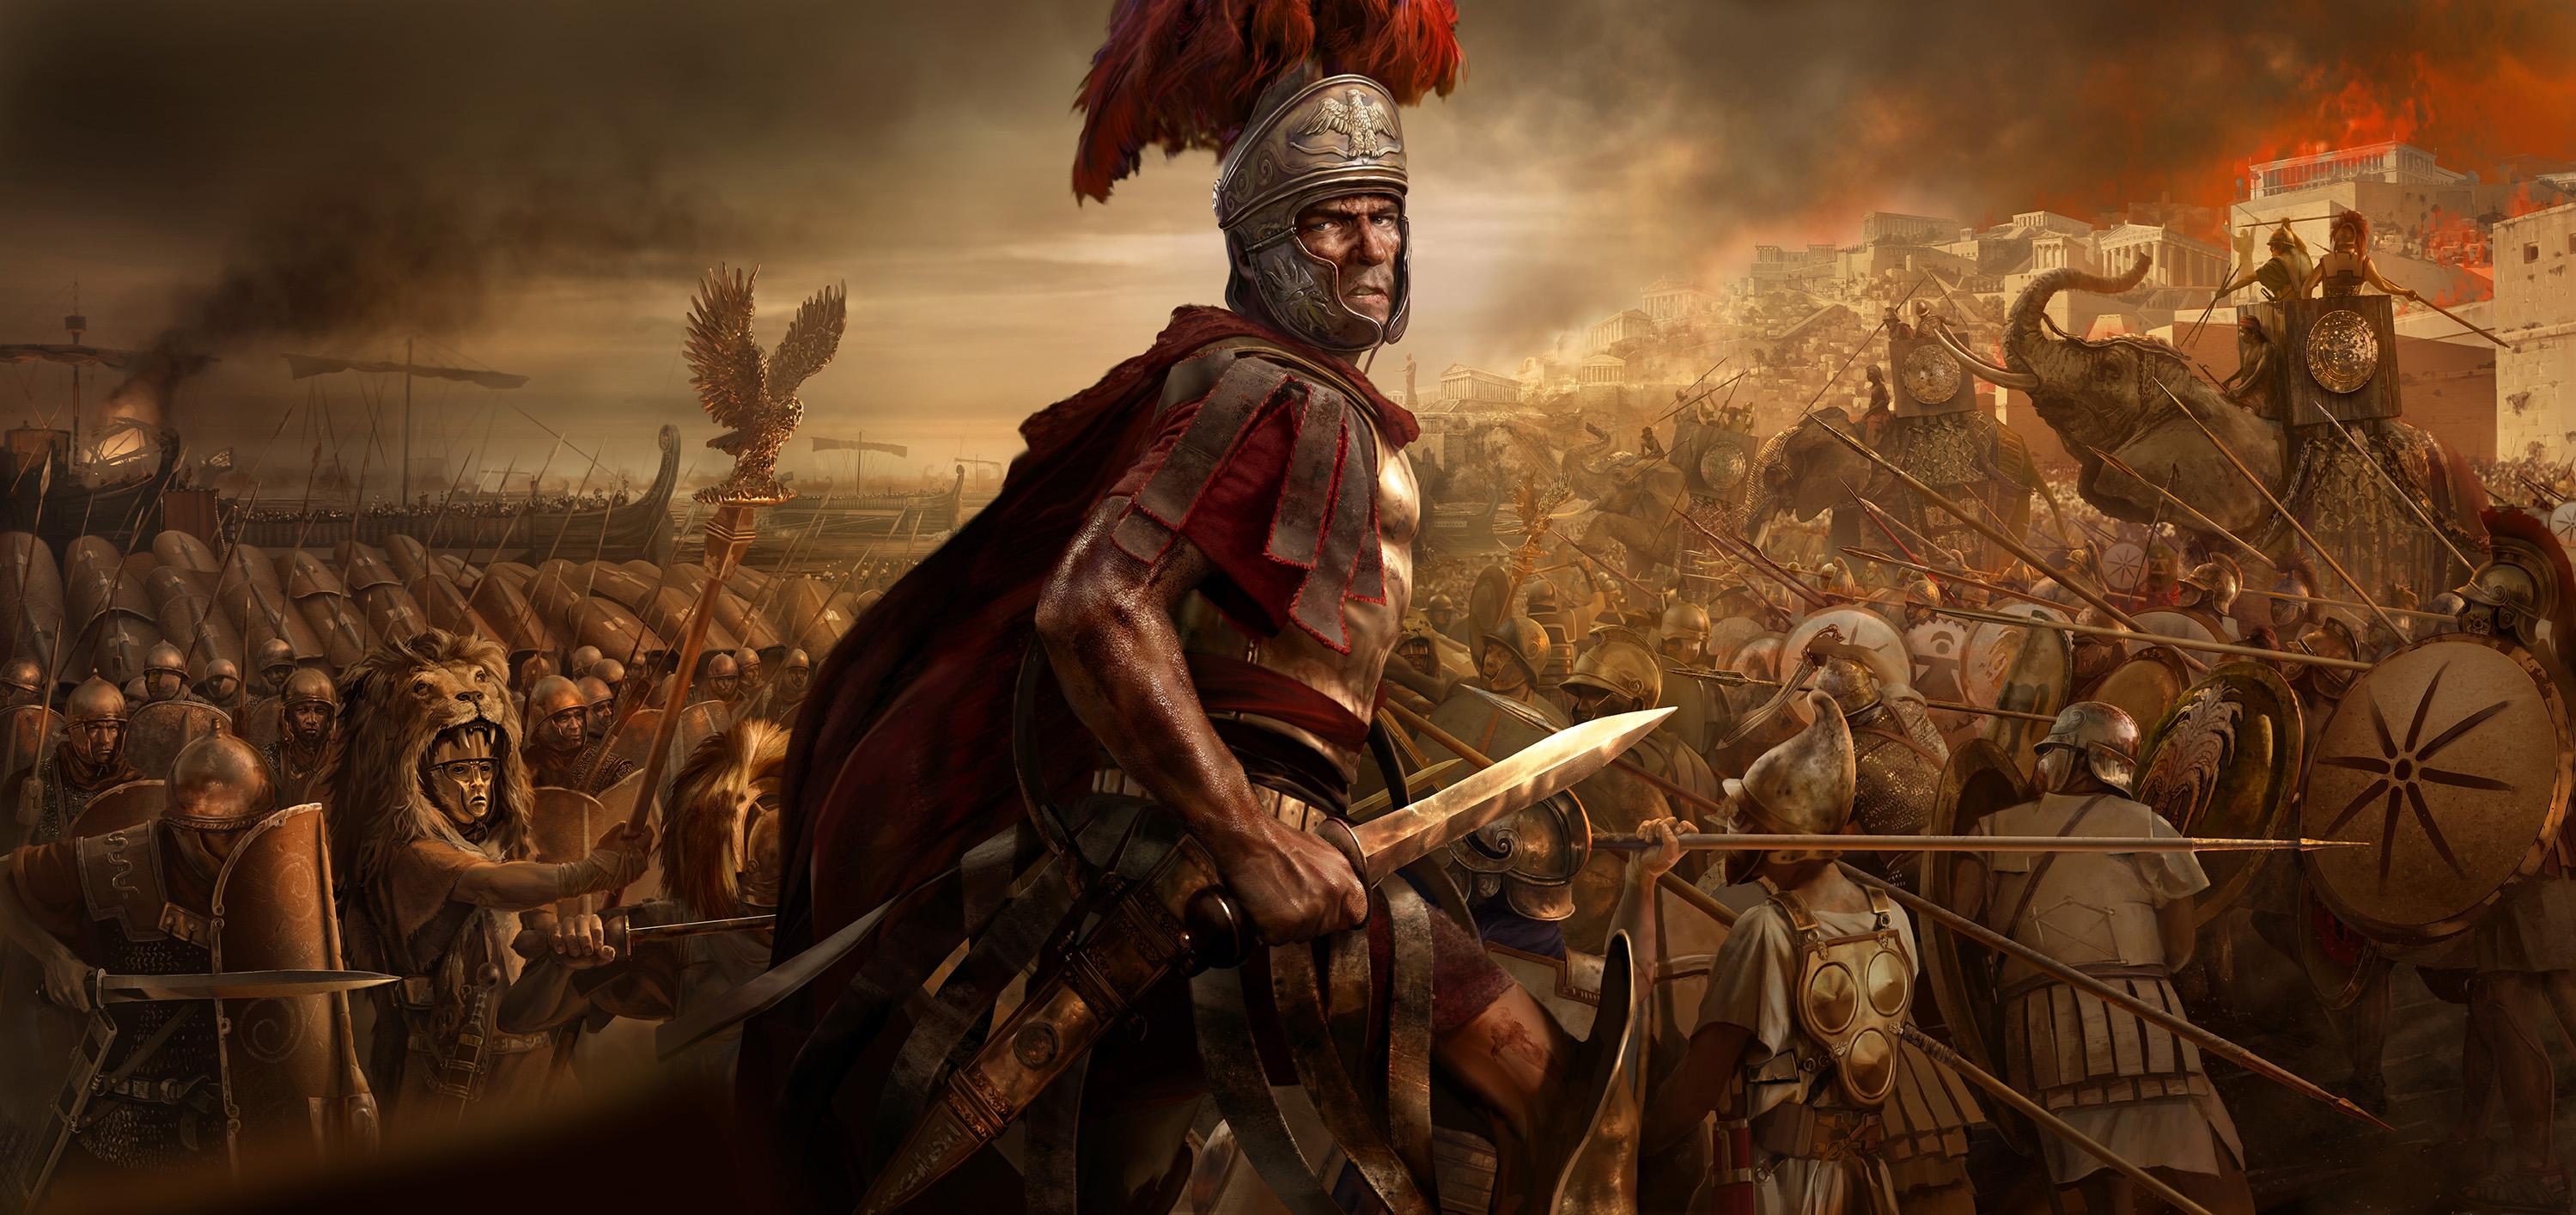 картинки древние воины против зомби пострадавшего диагностировали